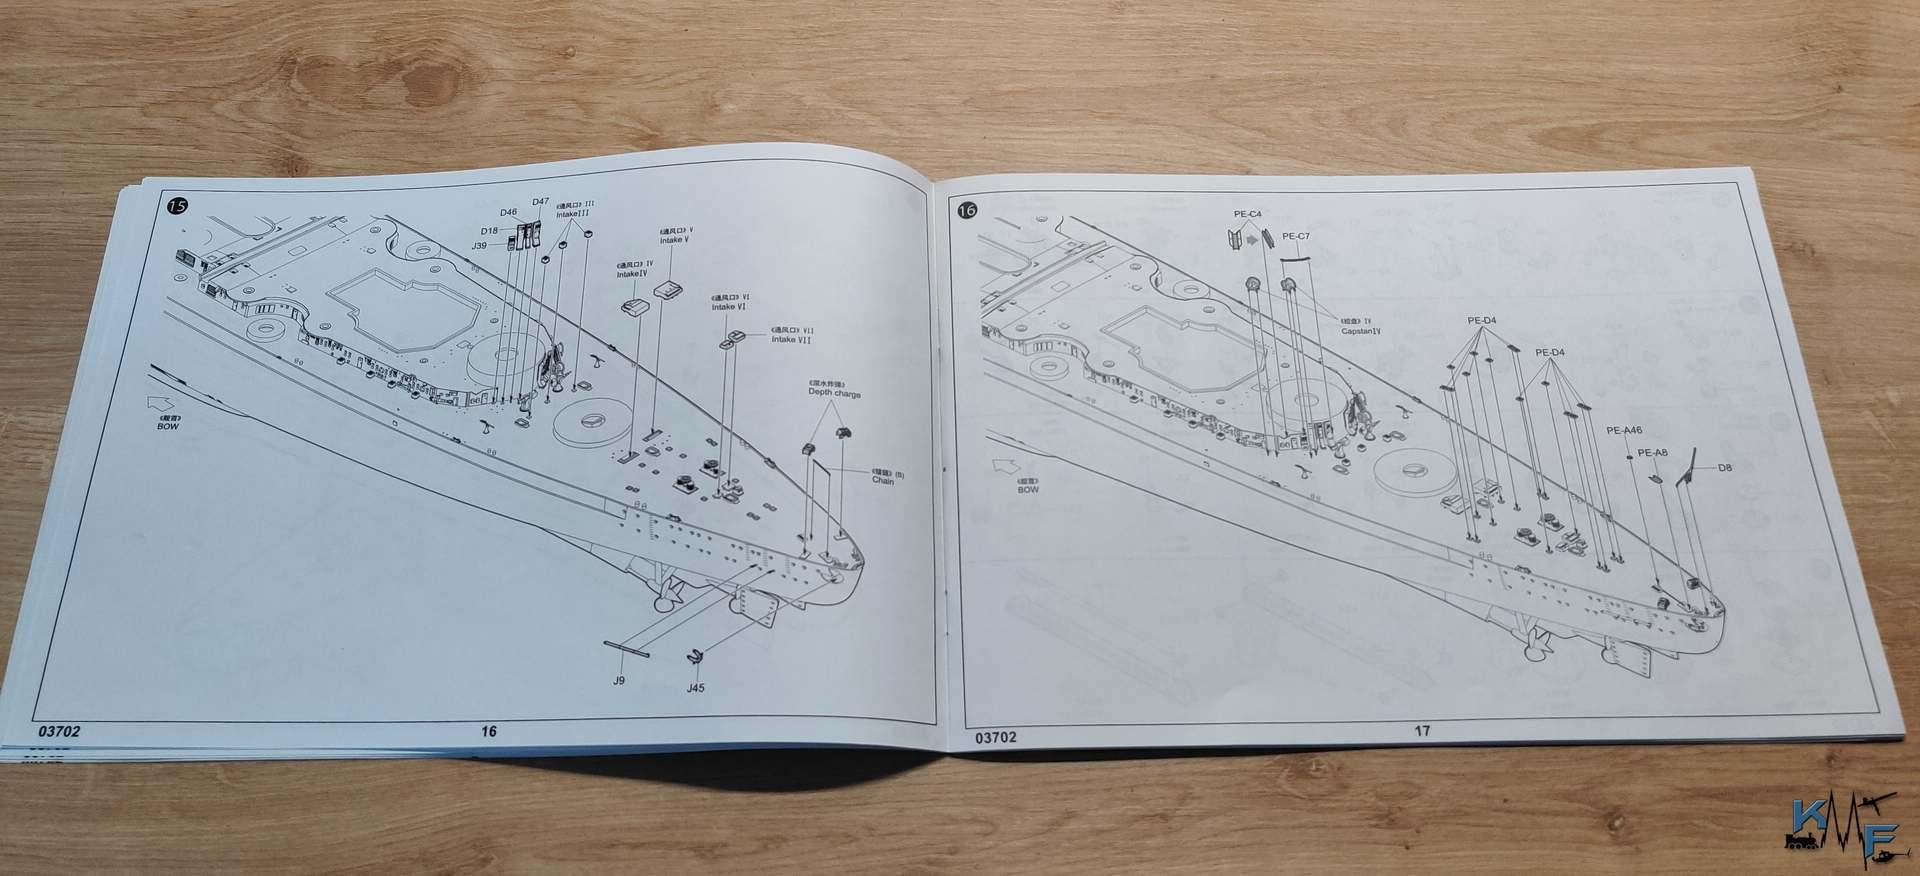 BV-TRU-BISMARCK_14.jpg